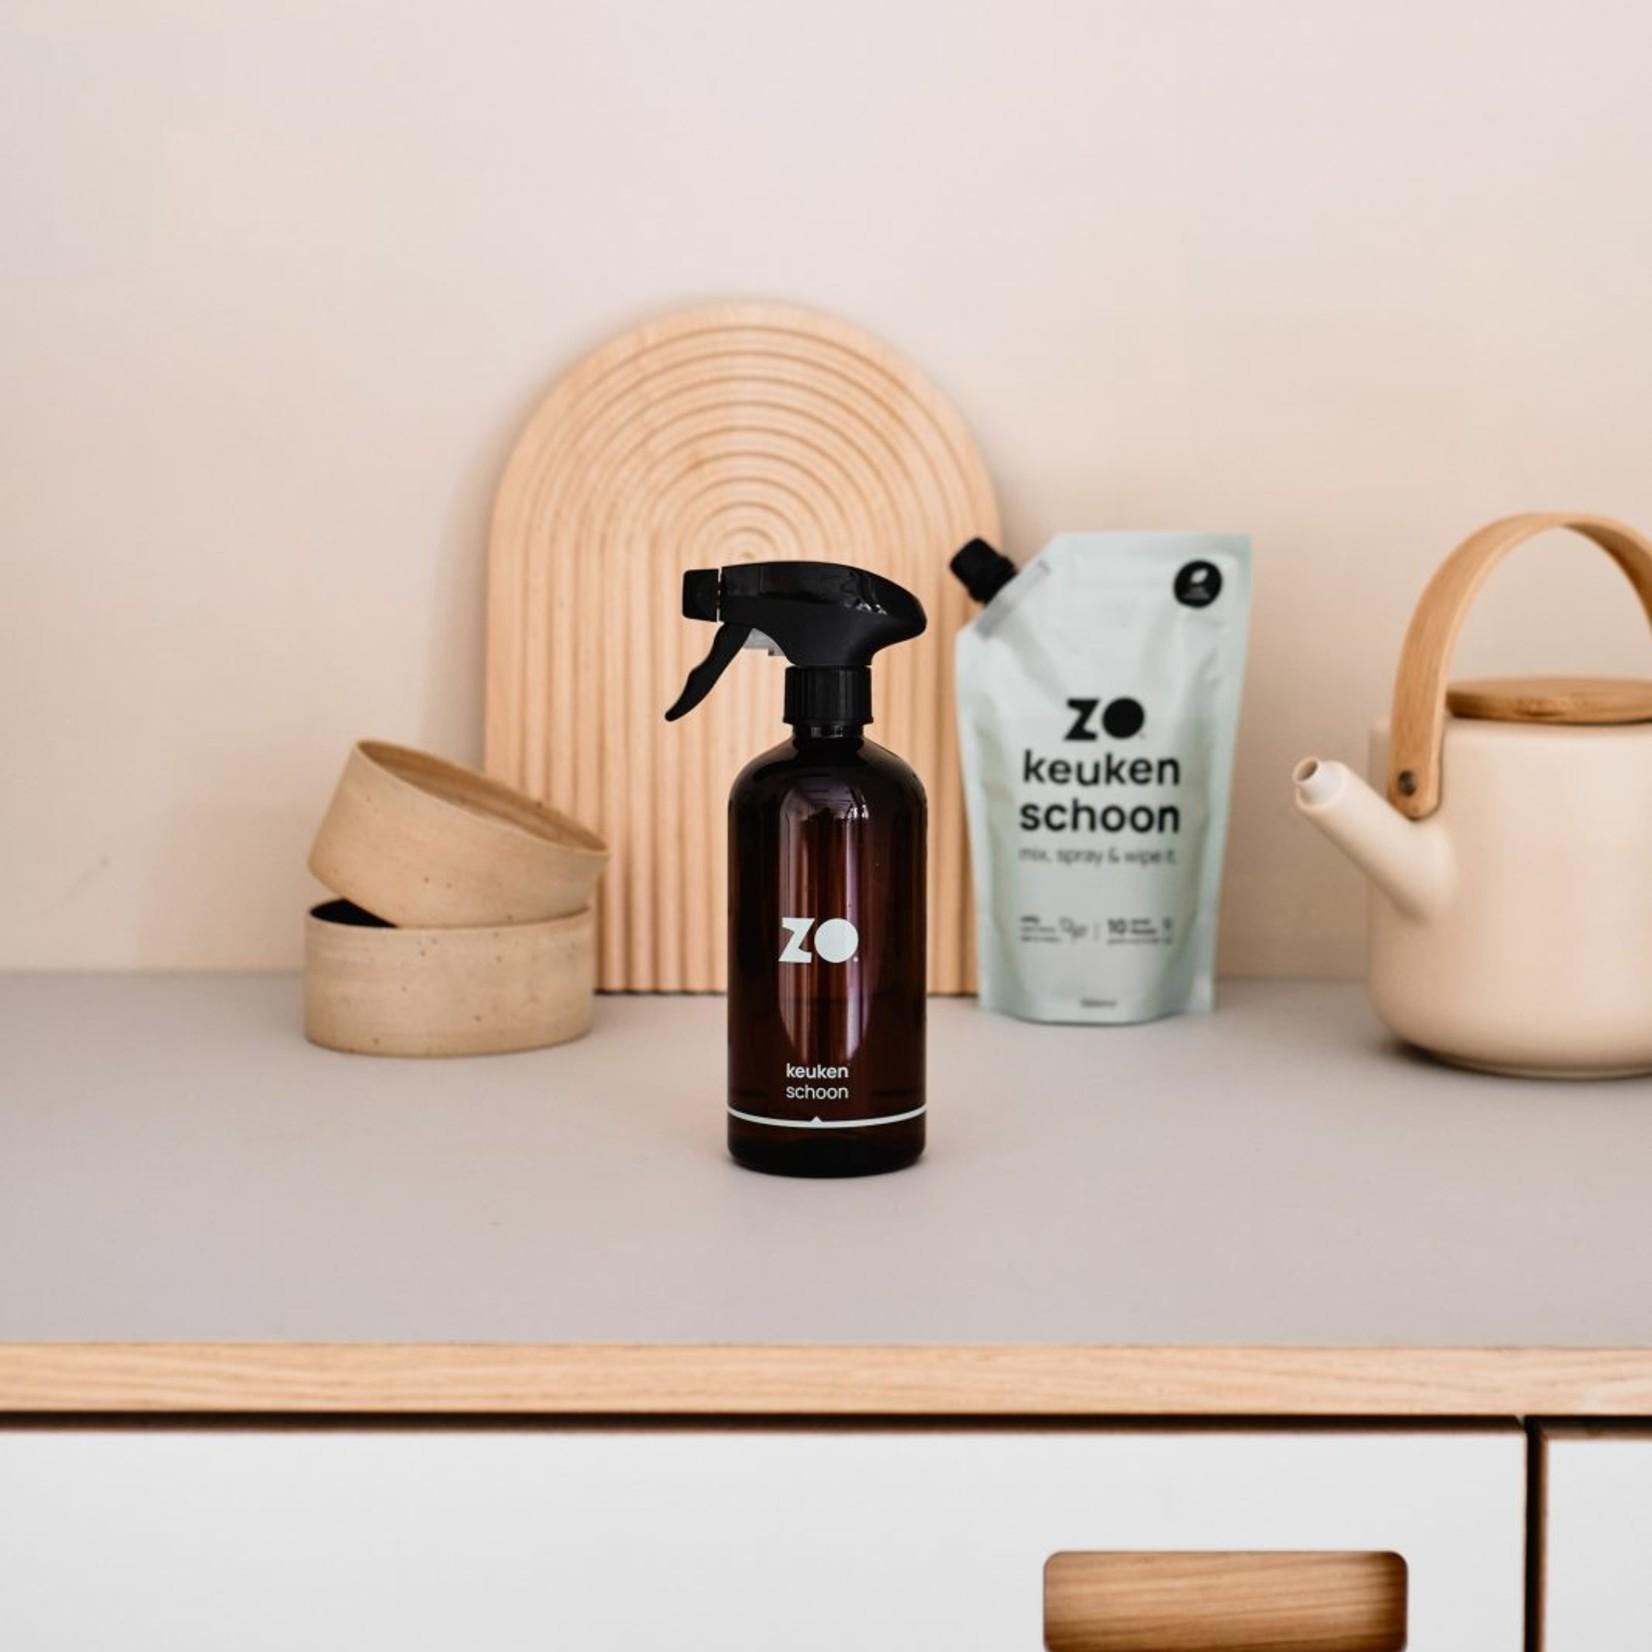 ZO Schoon ZO keuken schoon - Startpakket